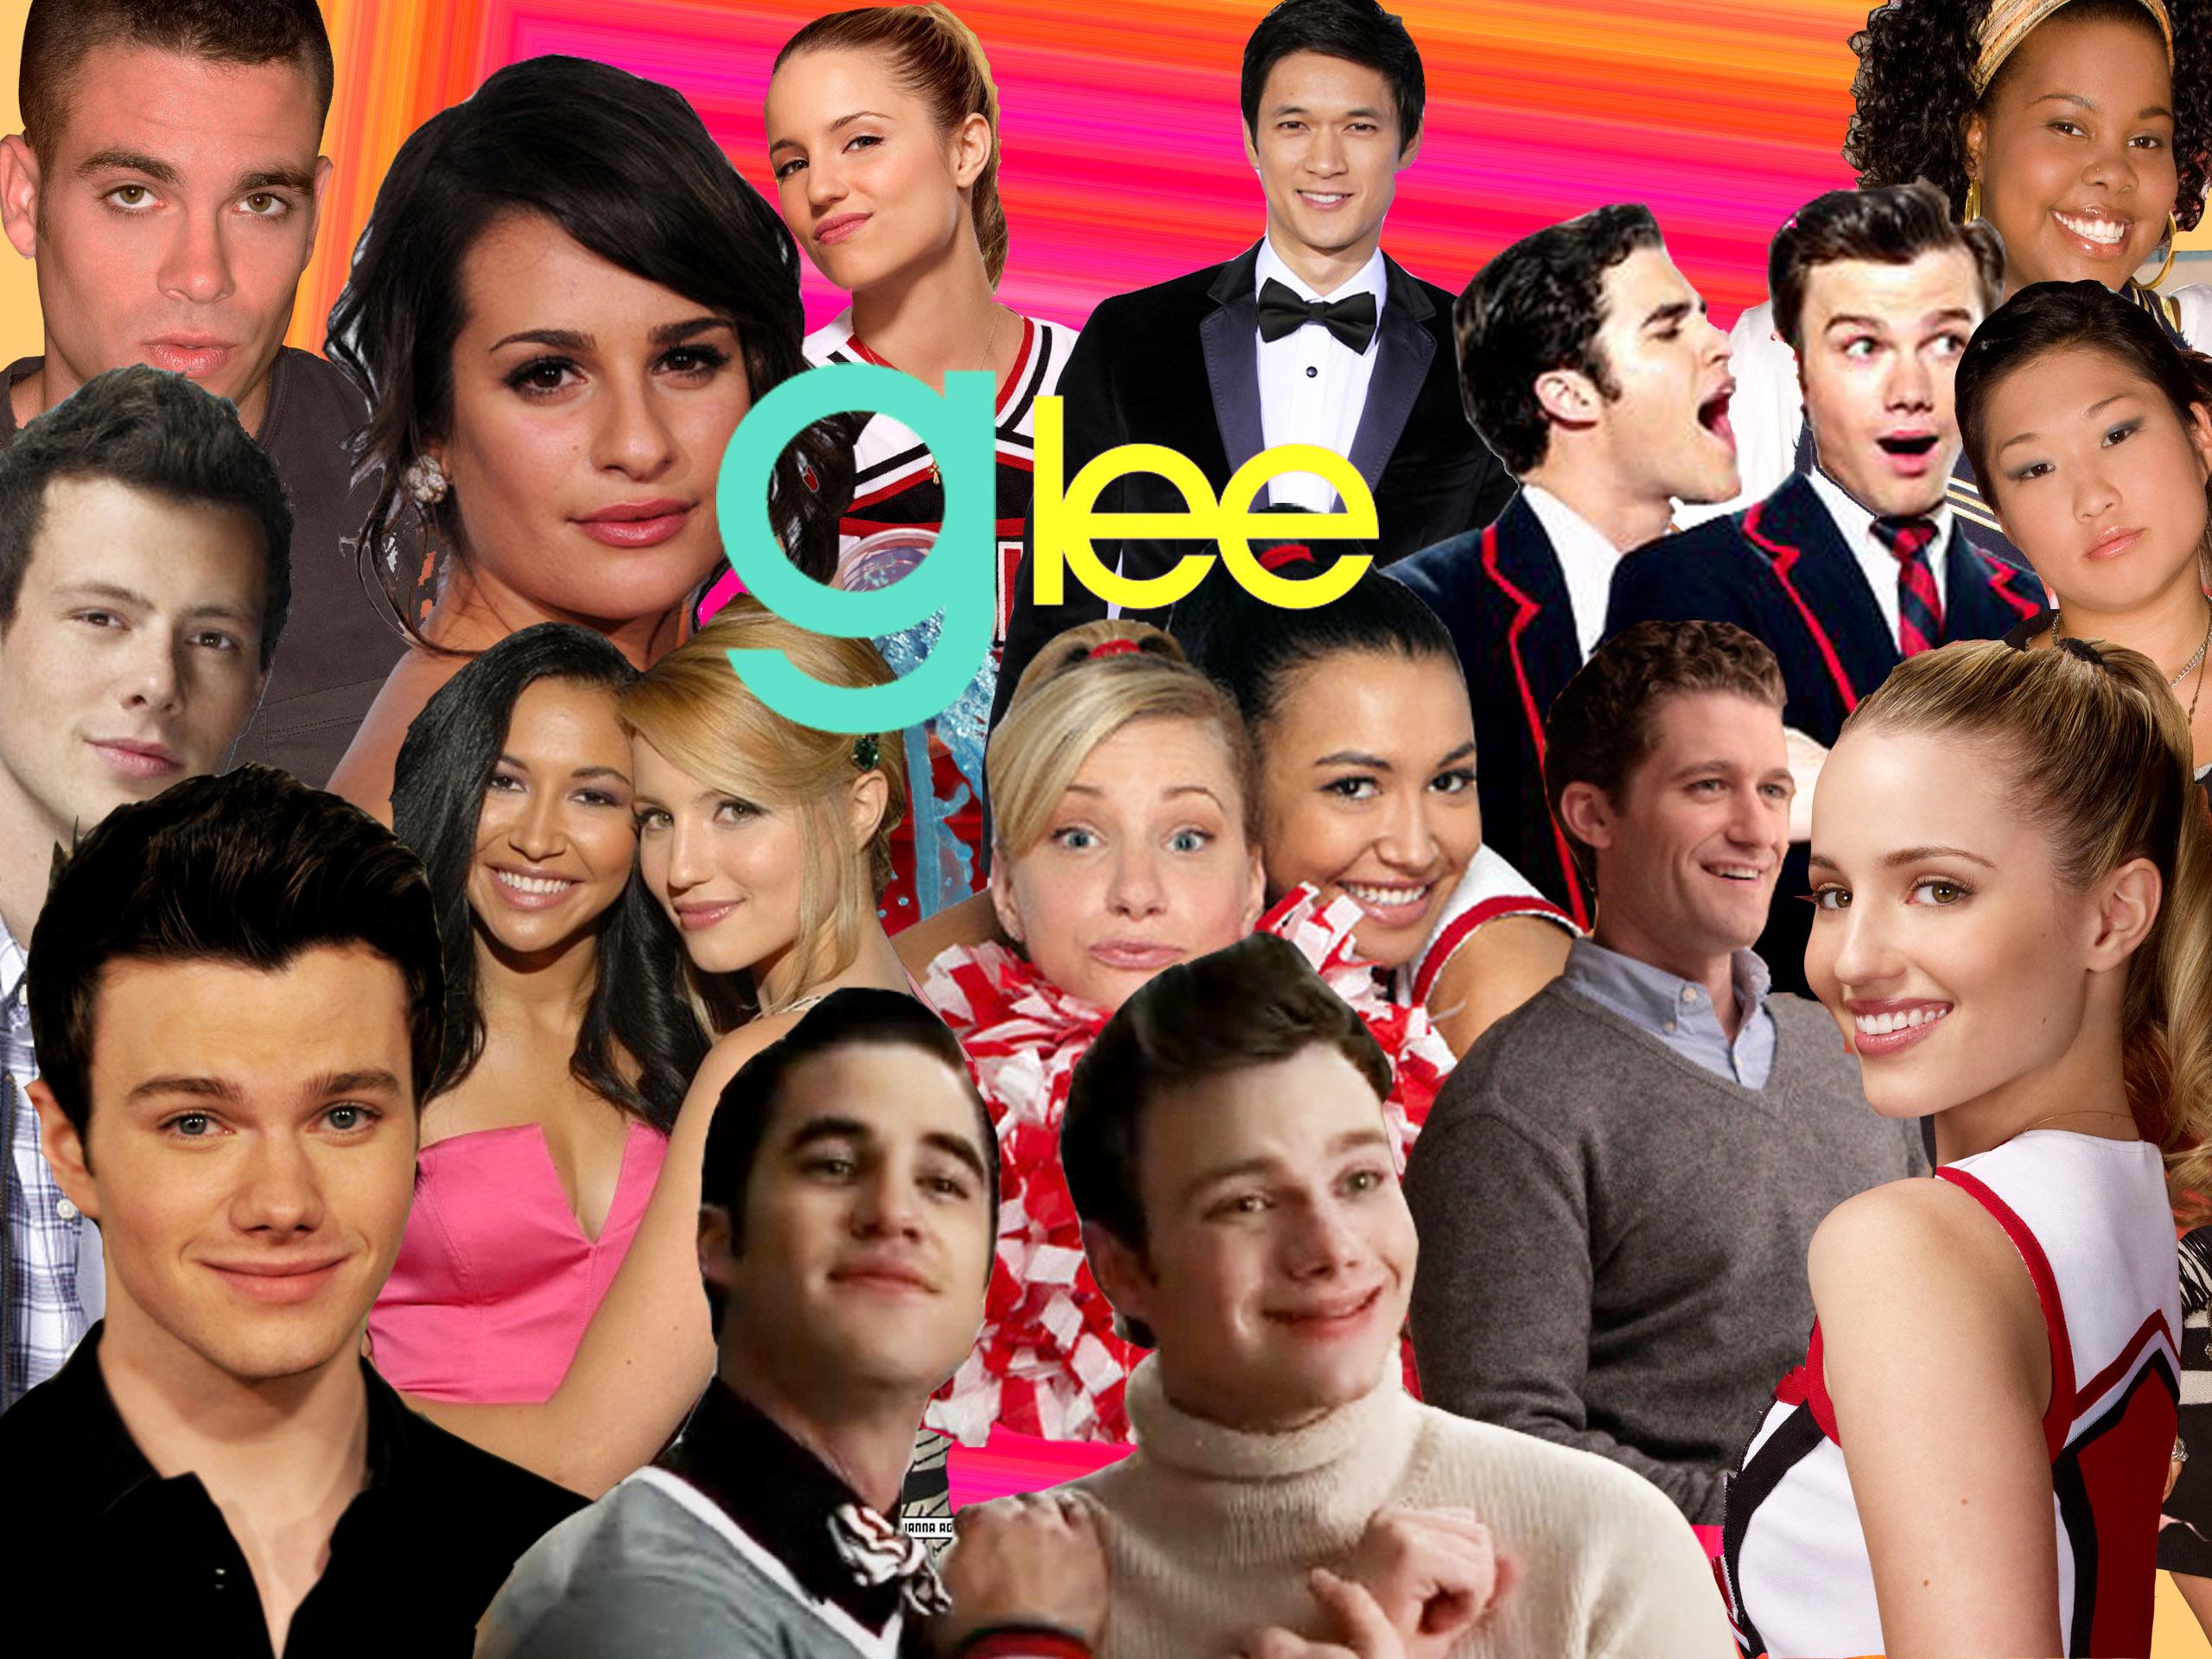 Glee Wallpaper Darren Criss Wallpaper 28618757 Fanpop